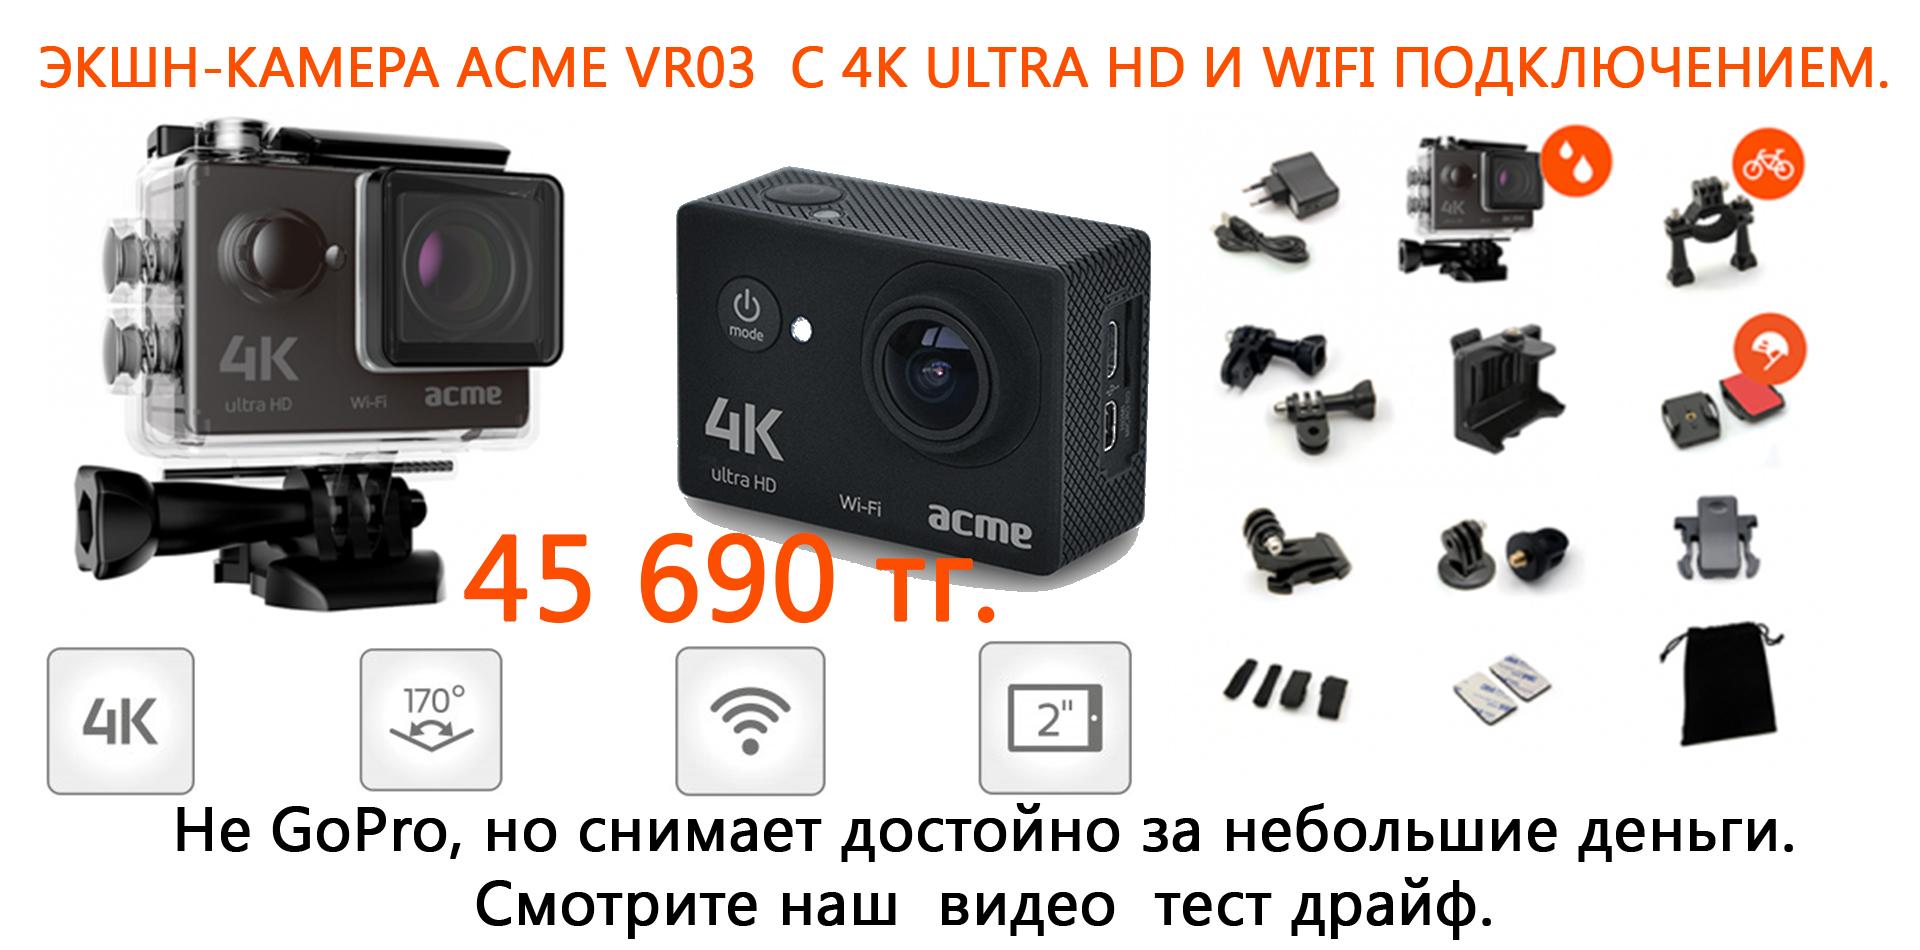 Экшн-камеры ACME